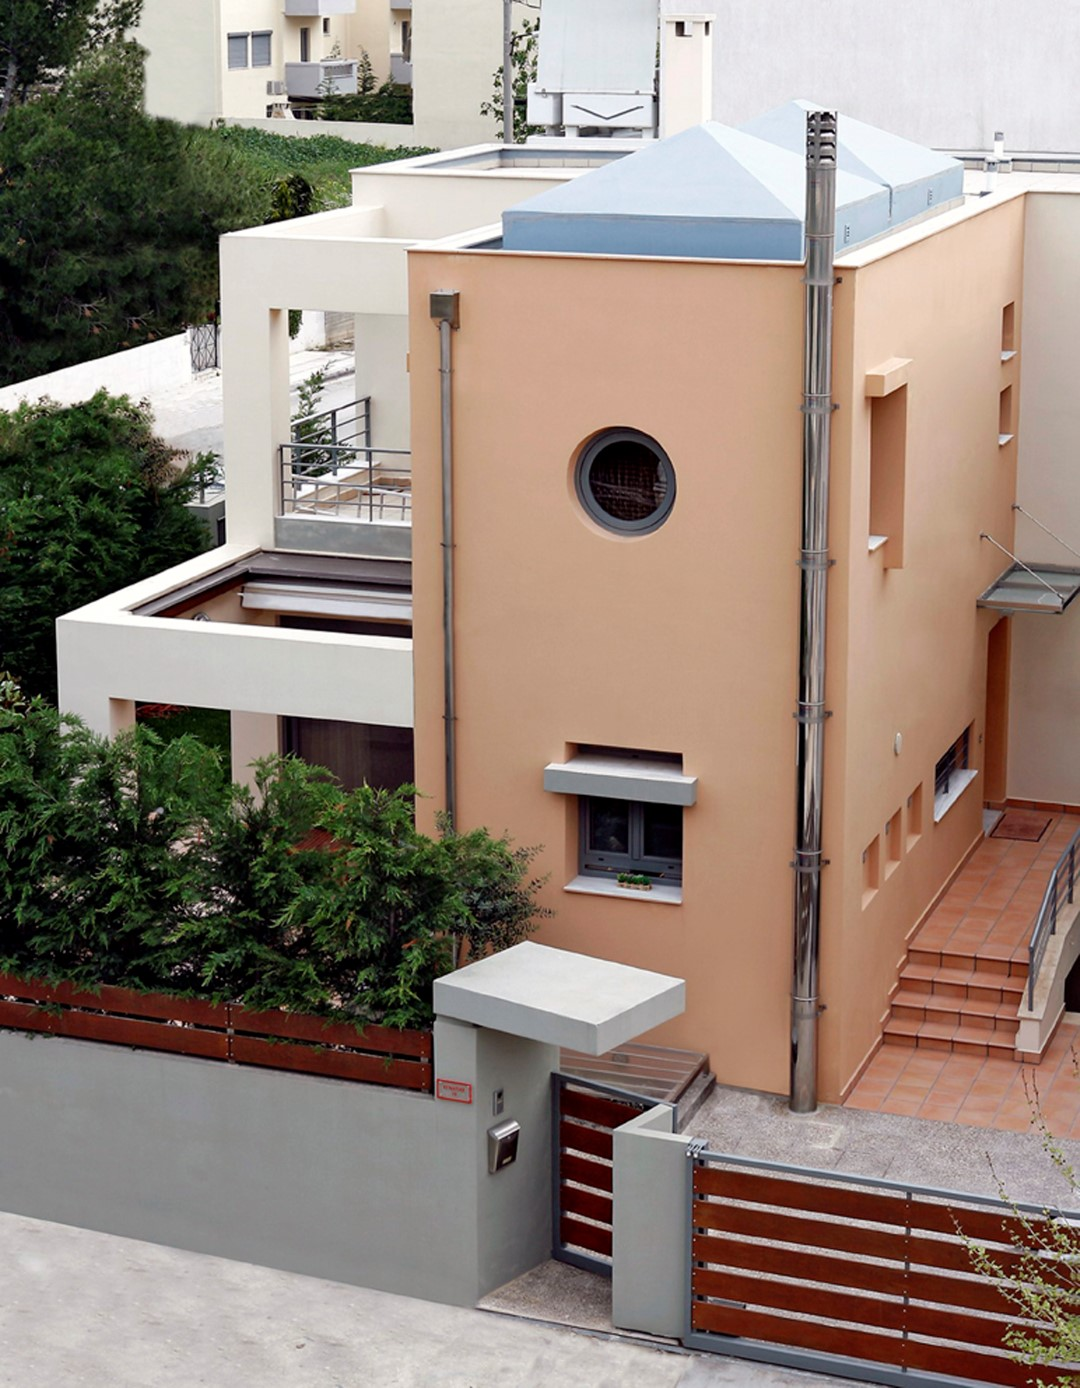 Διώροφη Μονοκατοικία με Υπόγειο στο Μαρούσι Αττικής